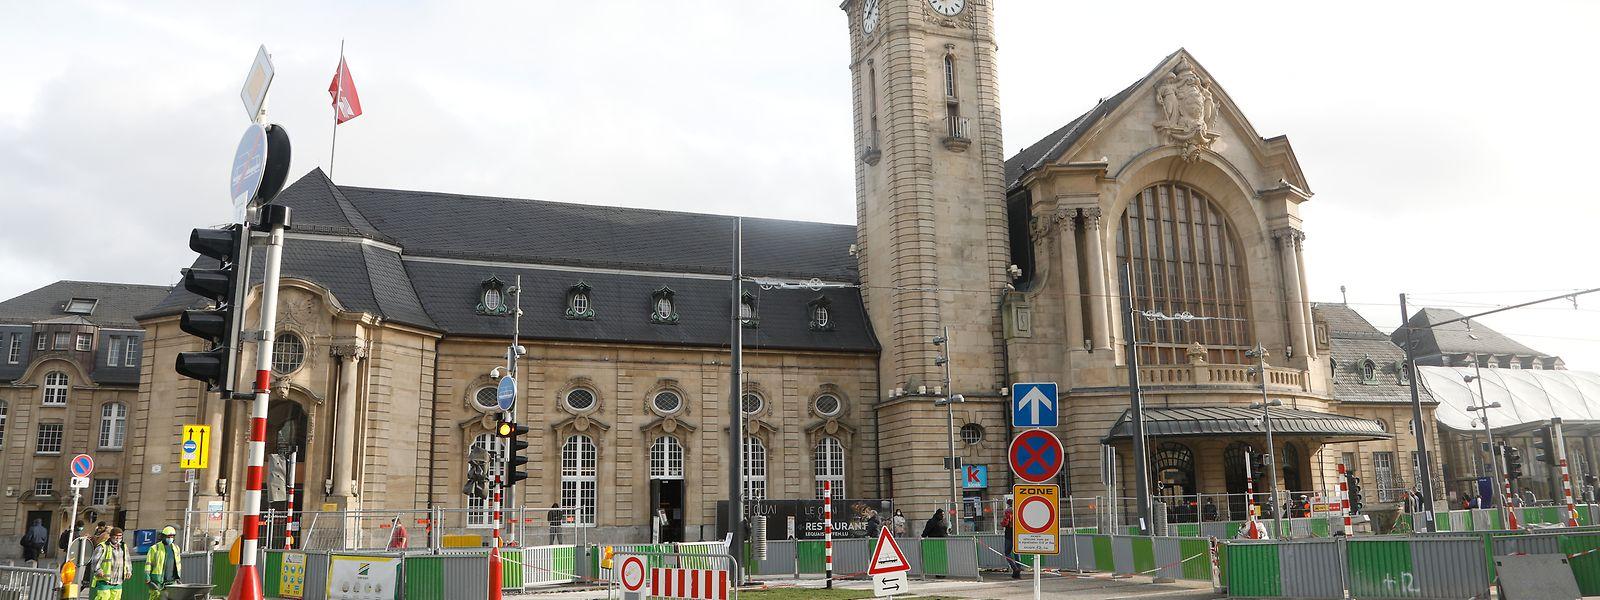 Der Bahnhofsvorplatz wäre um ein Haar zum Schauplatz einer Tragödie geworden.